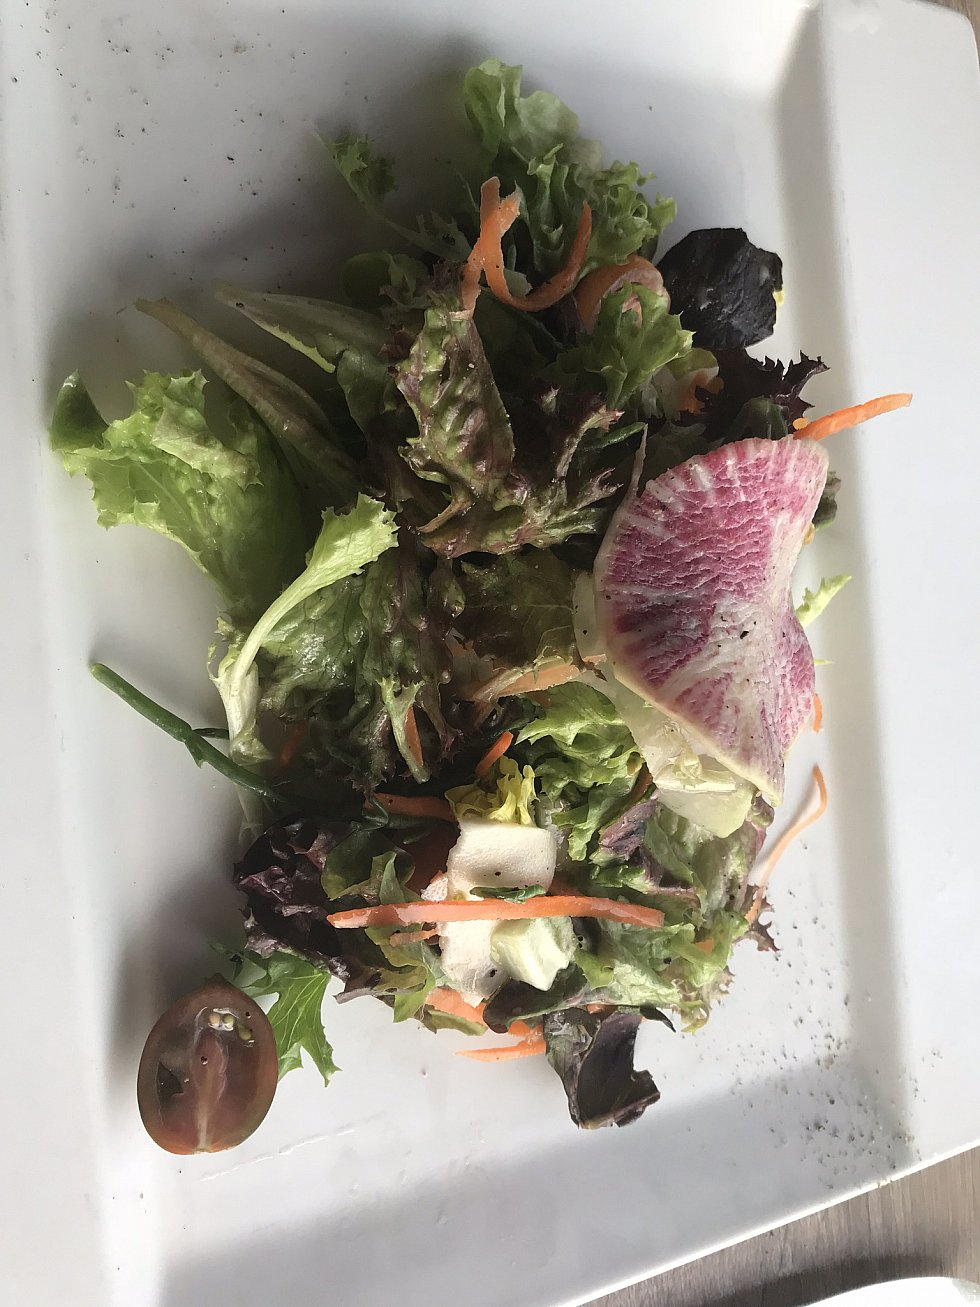 グリーンサラダ パパイヤドレッシングで 美味しい15ドル